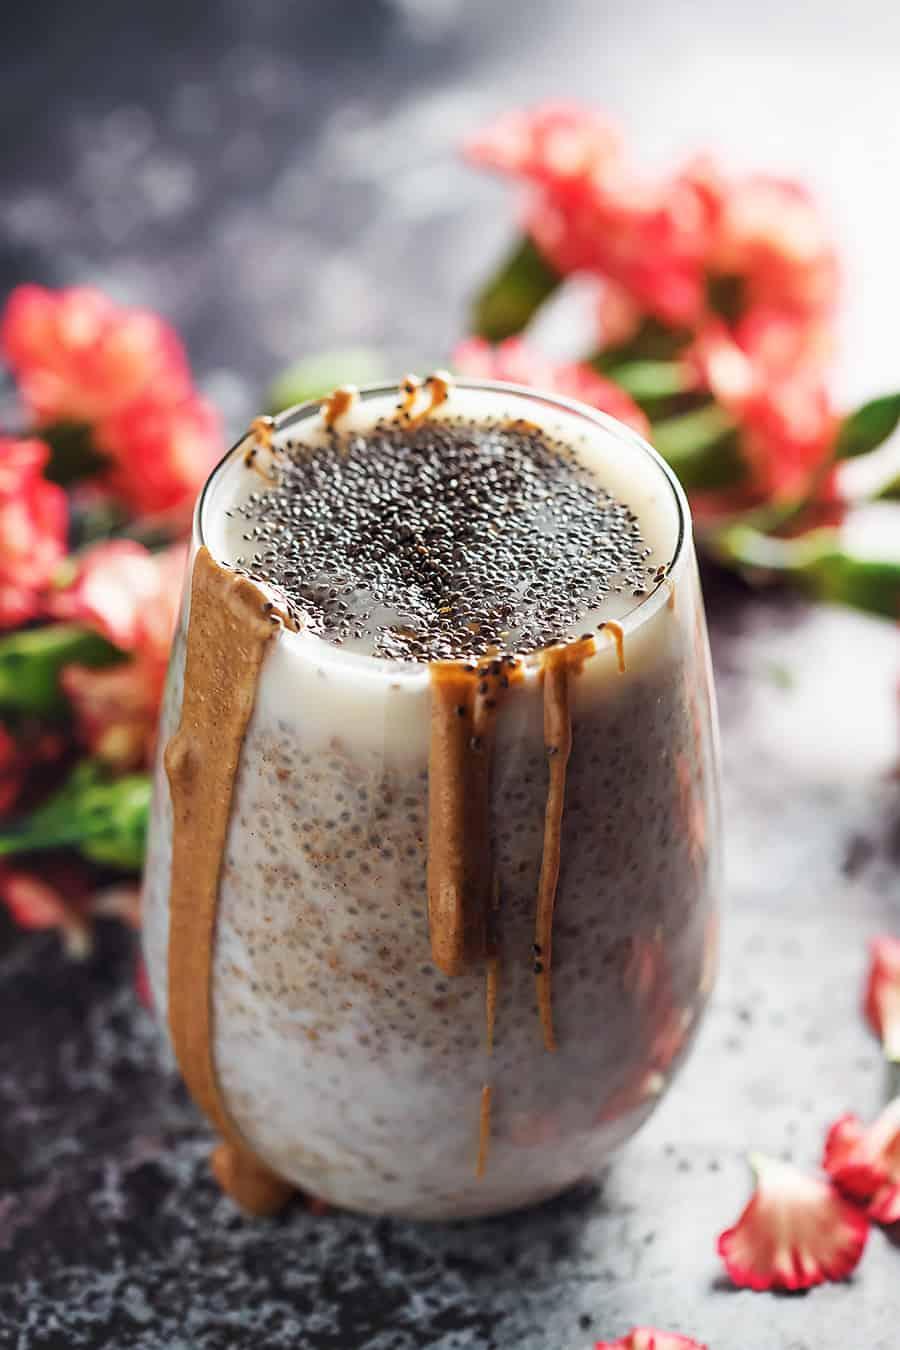 idee de keto chia pudding recette de petit dejeuner avec lait d amande, graines de chia et beurre d amande